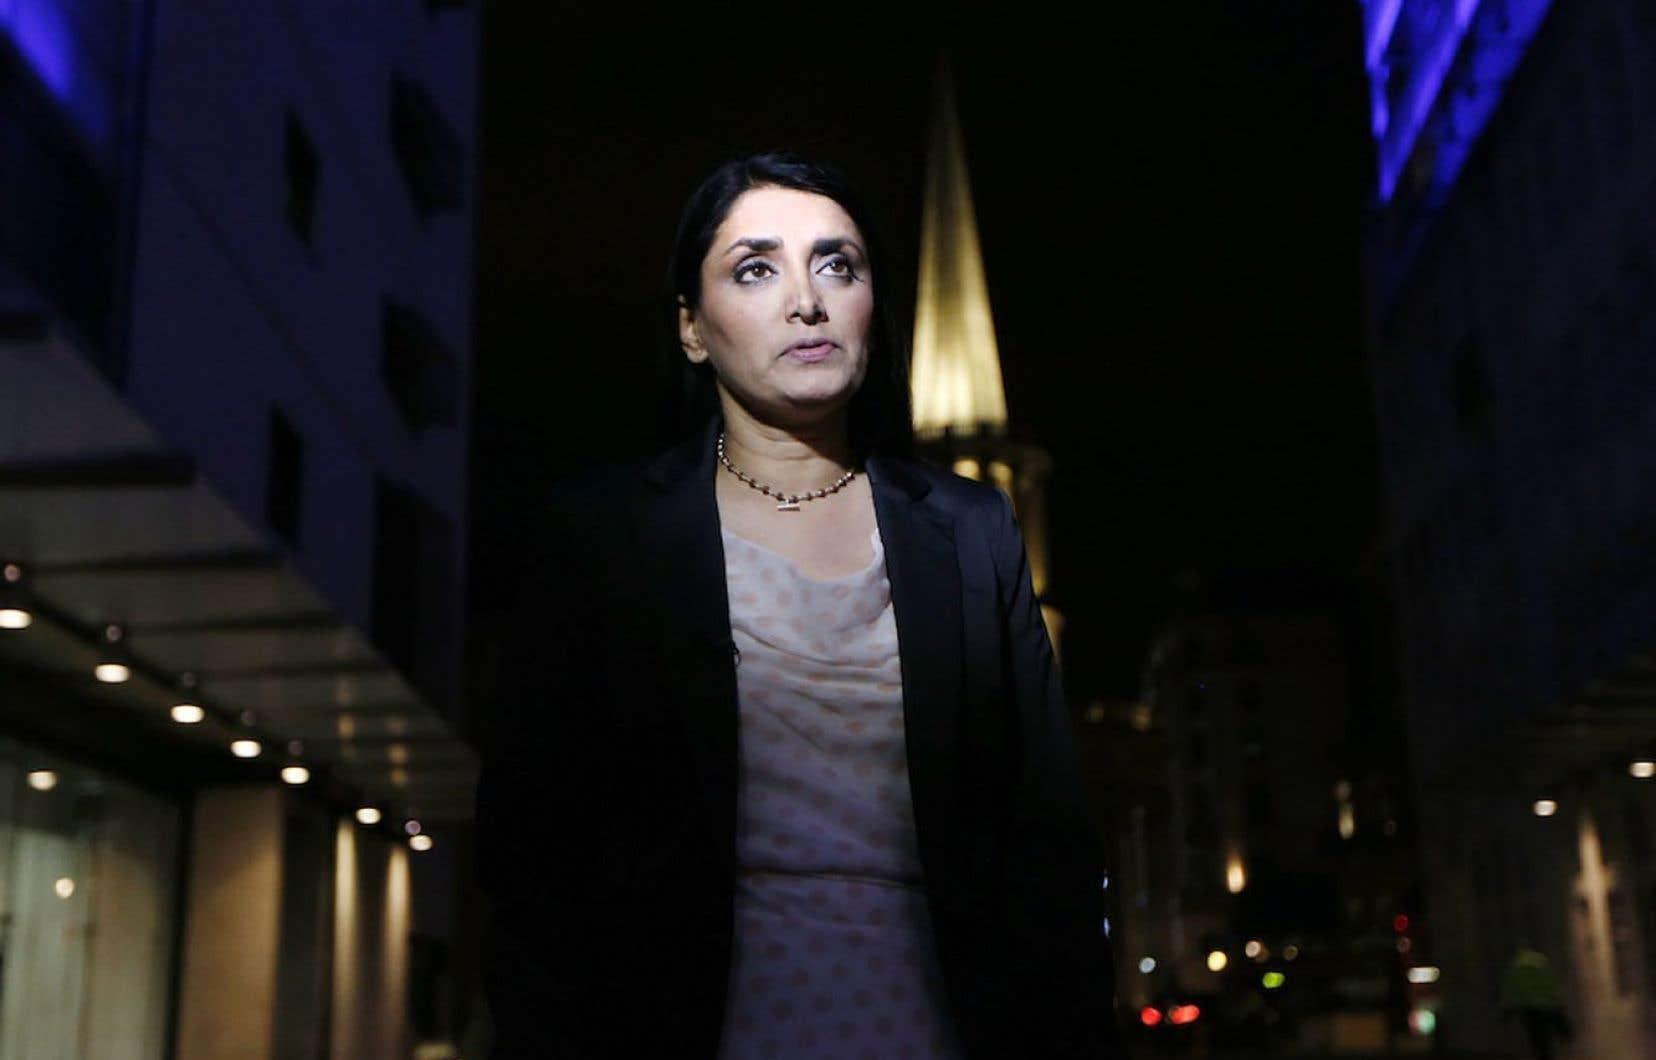 La fondatrice de l'association Freedom Charity, Aneeta Prem. Une des victimes, l'Irlandaise de 57 ans, a pris son courage à deux mains pour appeler en cachette l'association.